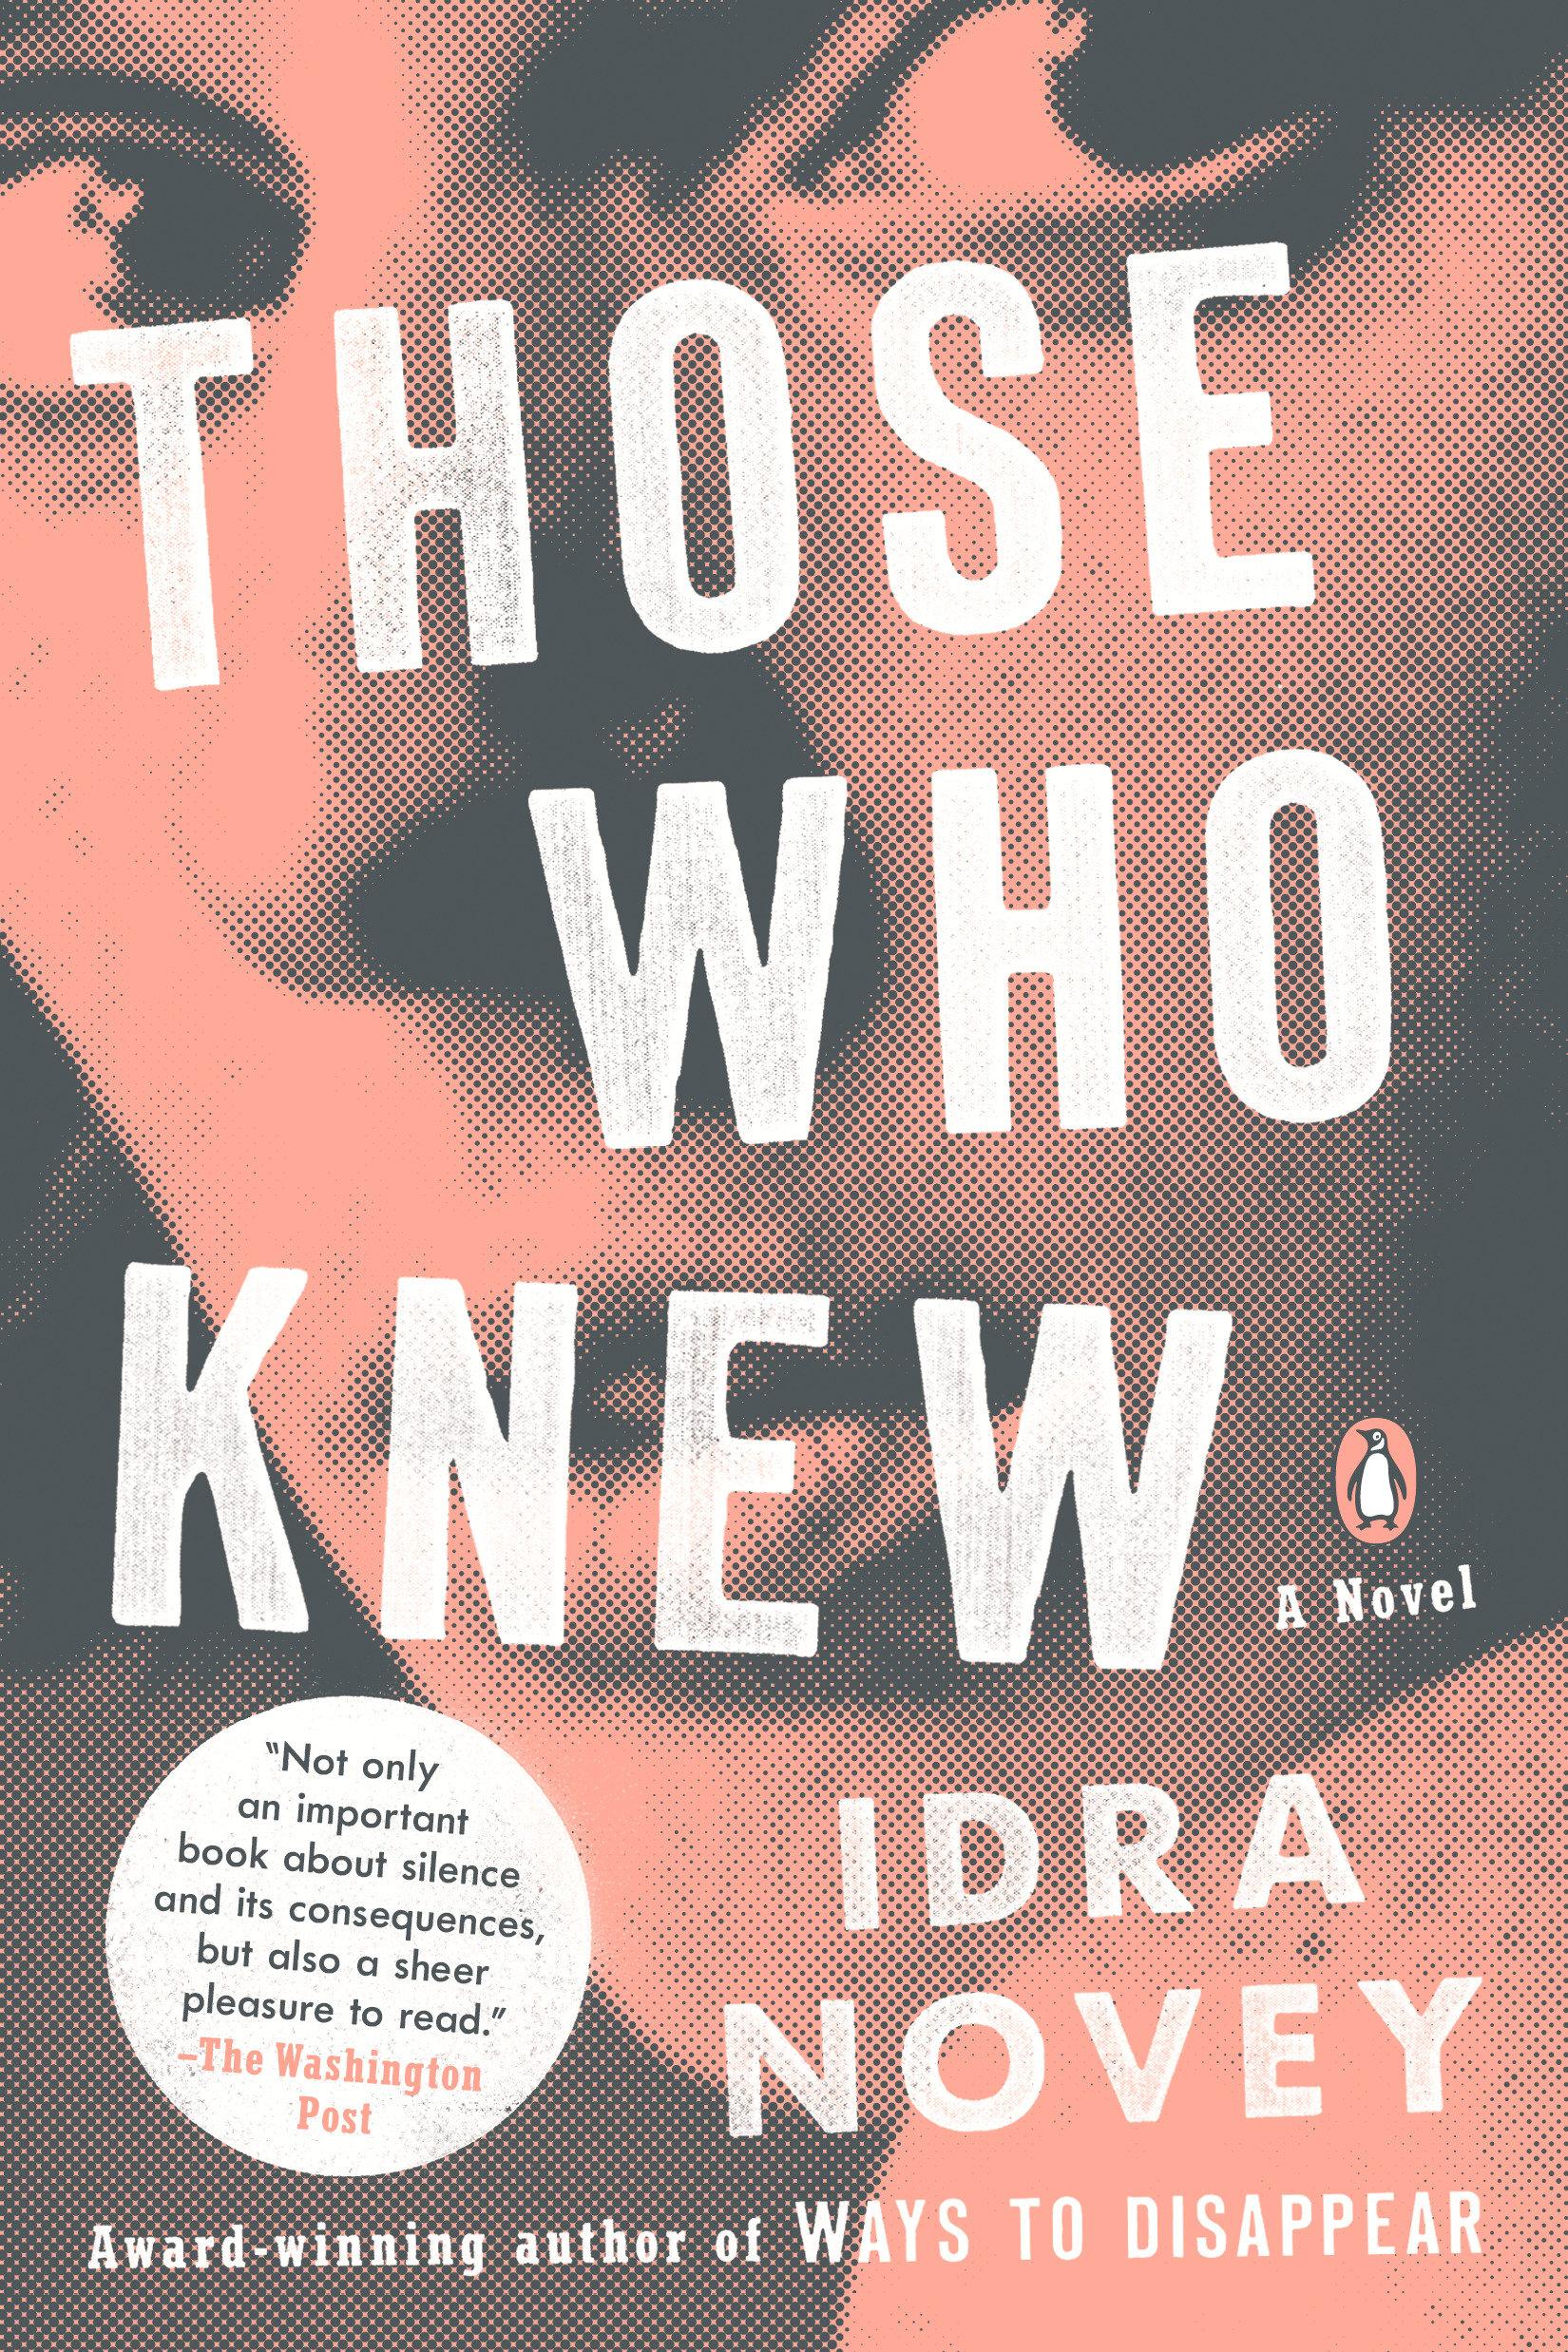 Those Who Knew A Novel